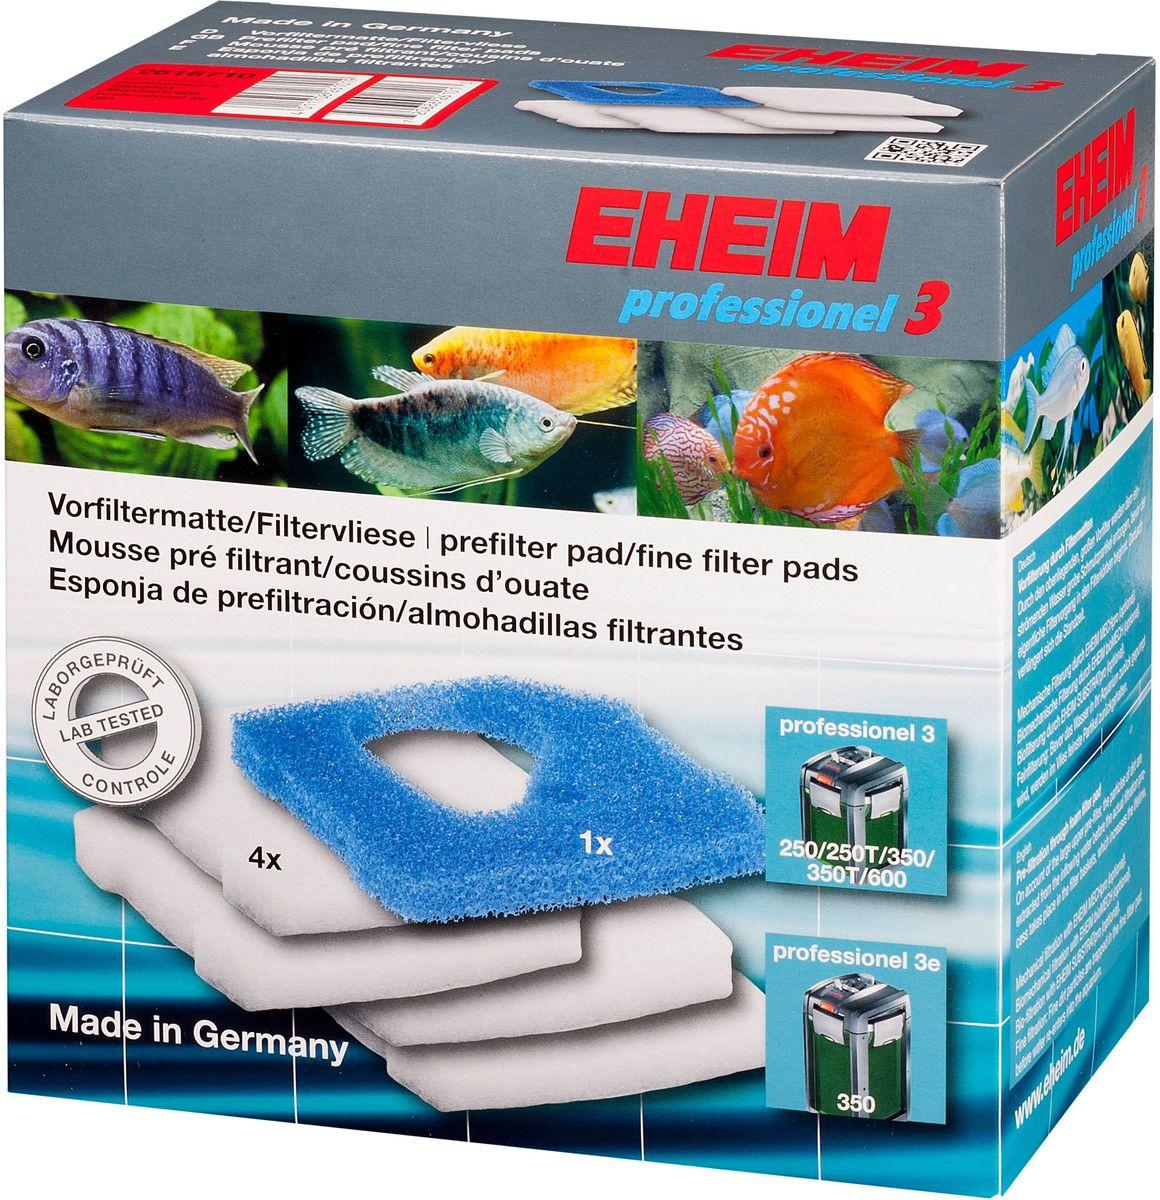 Наполнитель для фильтра Eheim Professionel 3 250/350/600, 5 шт2616710Набор фильтрующих губок для фильтра PROFESSIONEL 3.. В набор входят: 1 губка из поролона для префильтра и 4 синтепоновые губки тонкой очистки.